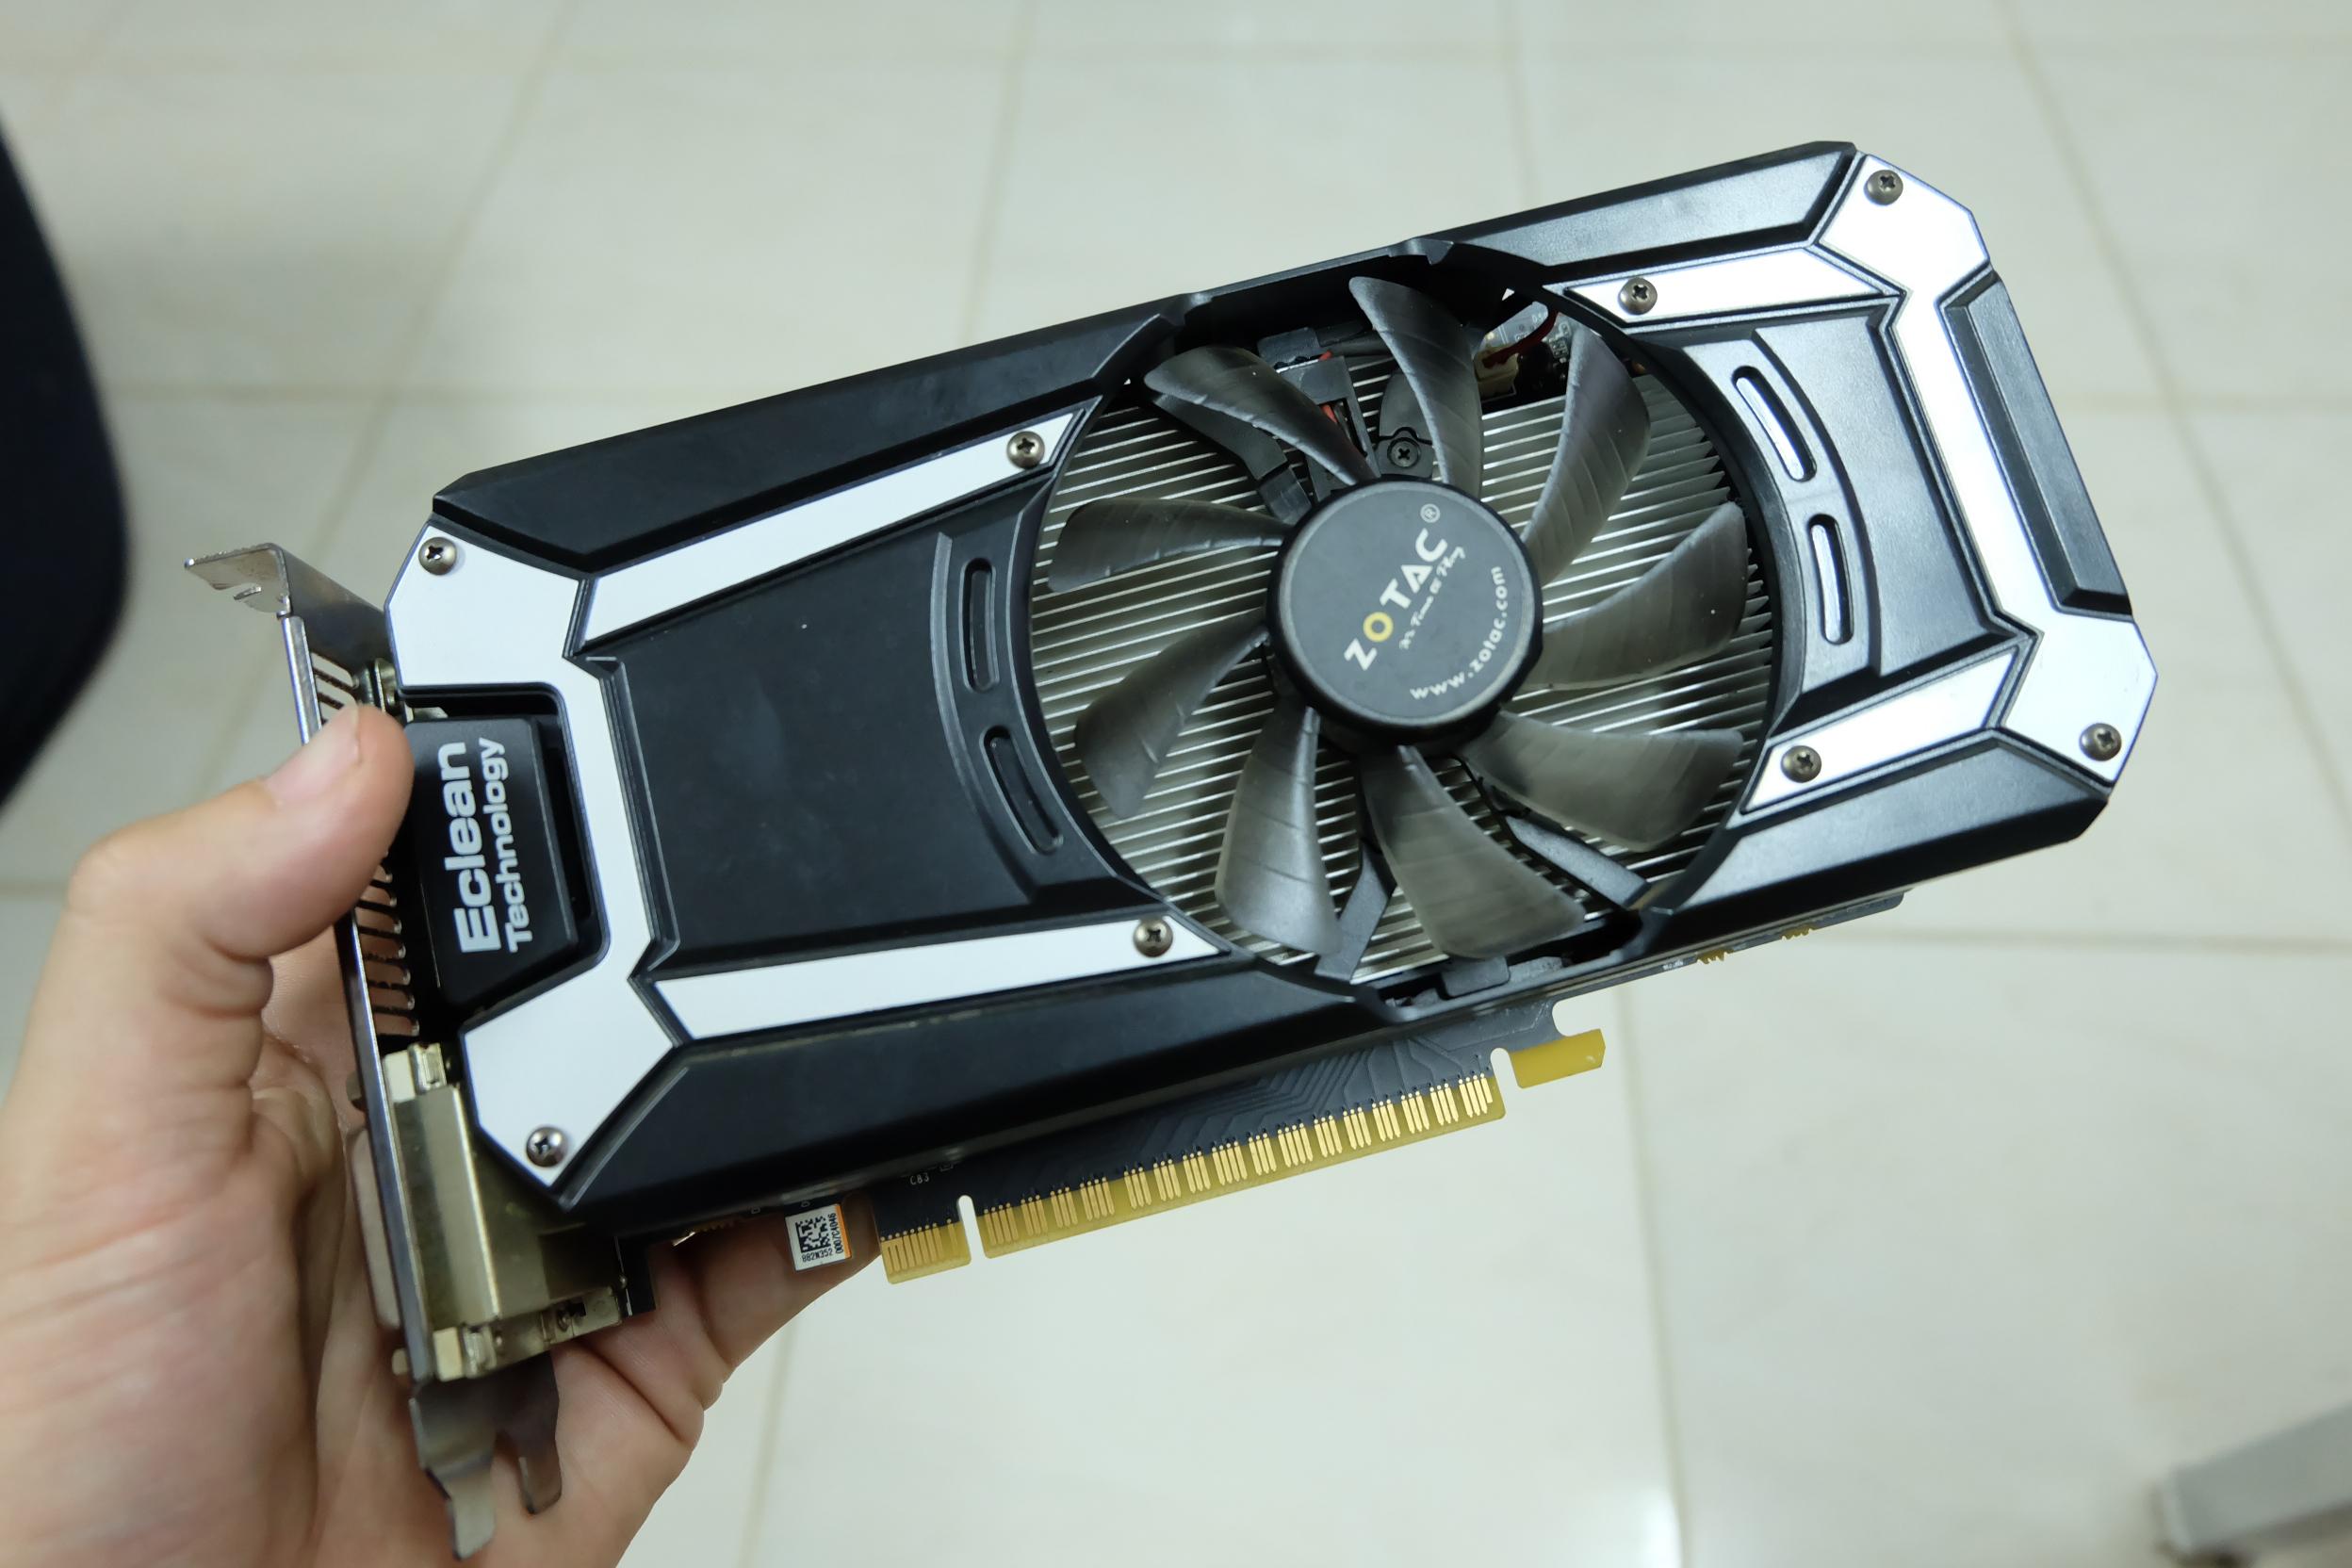 ZOTAC GeForce GTX 750 1GB OC